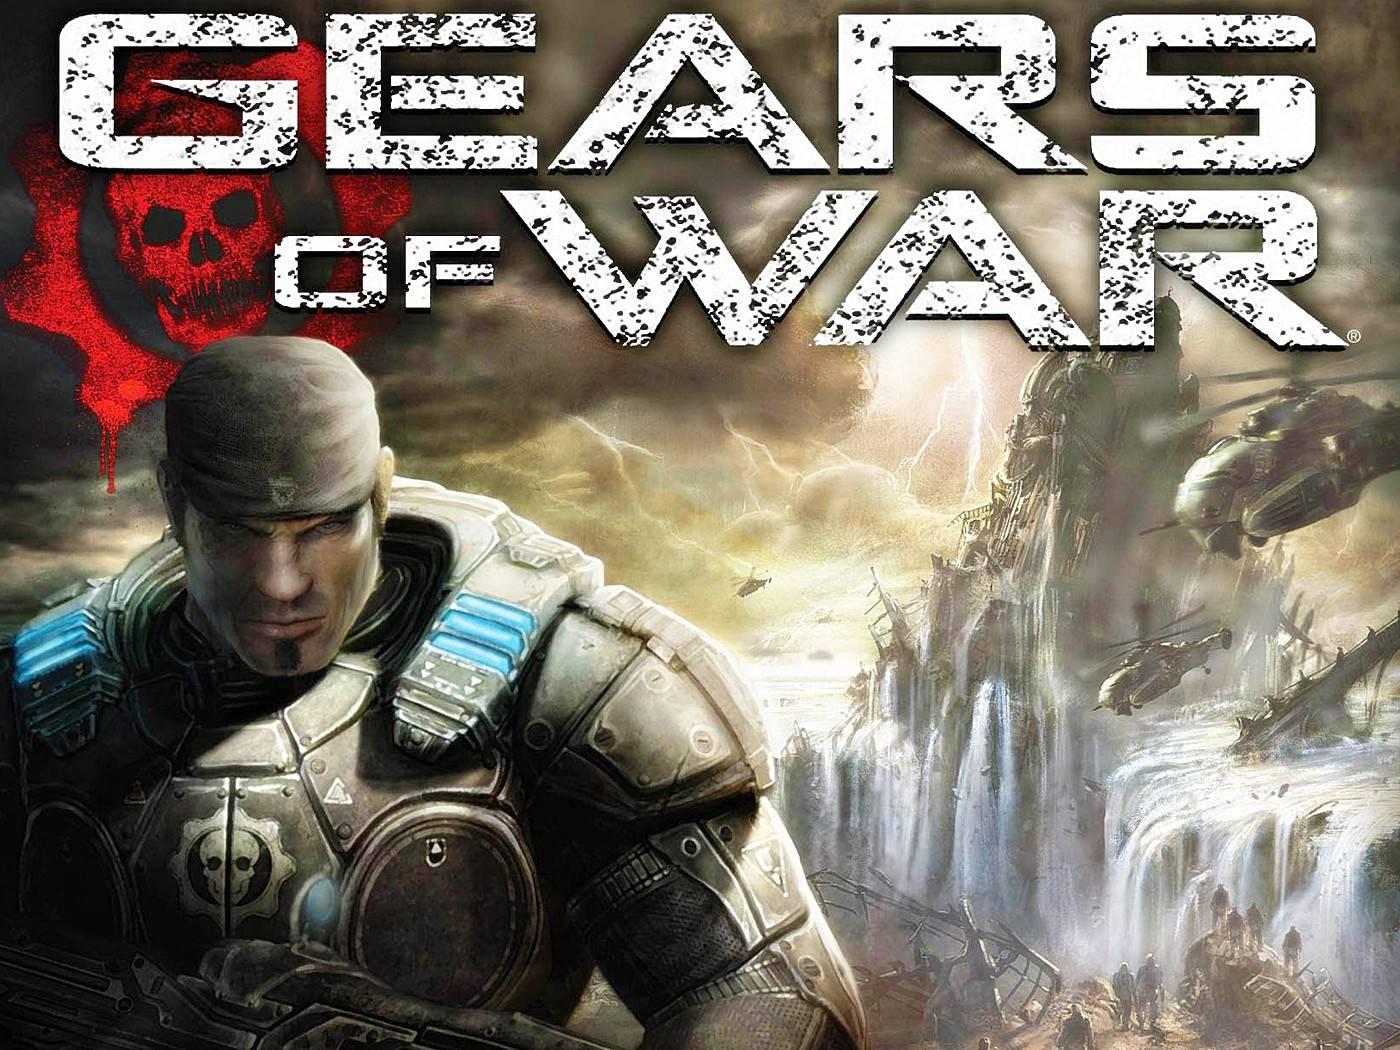 gears-of-war-3-wallpapers-1080p